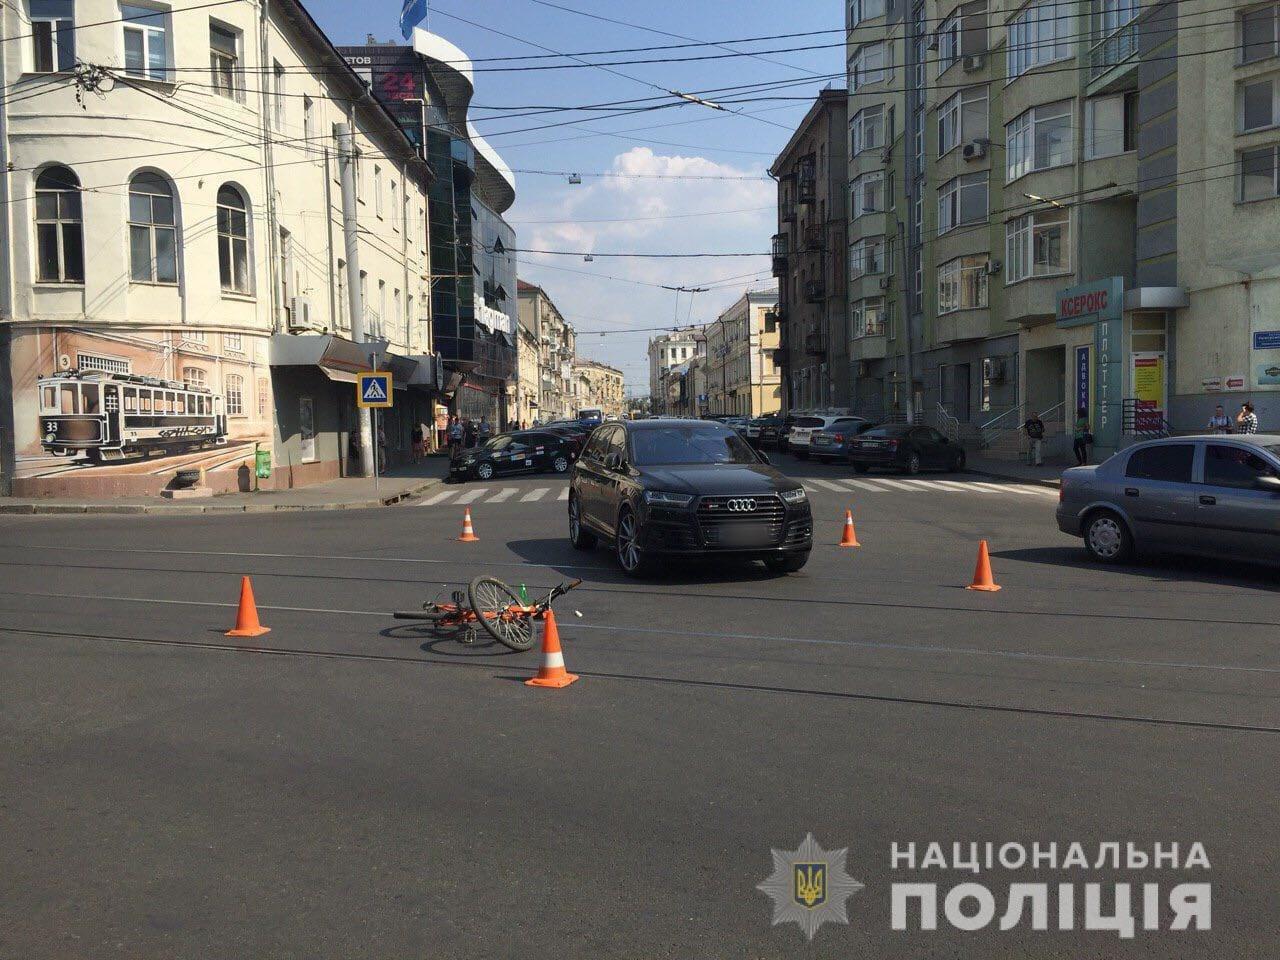 В Харькове в ДТП погиб мотоциклист и пострадали несколько человек, - ФОТО, фото-2